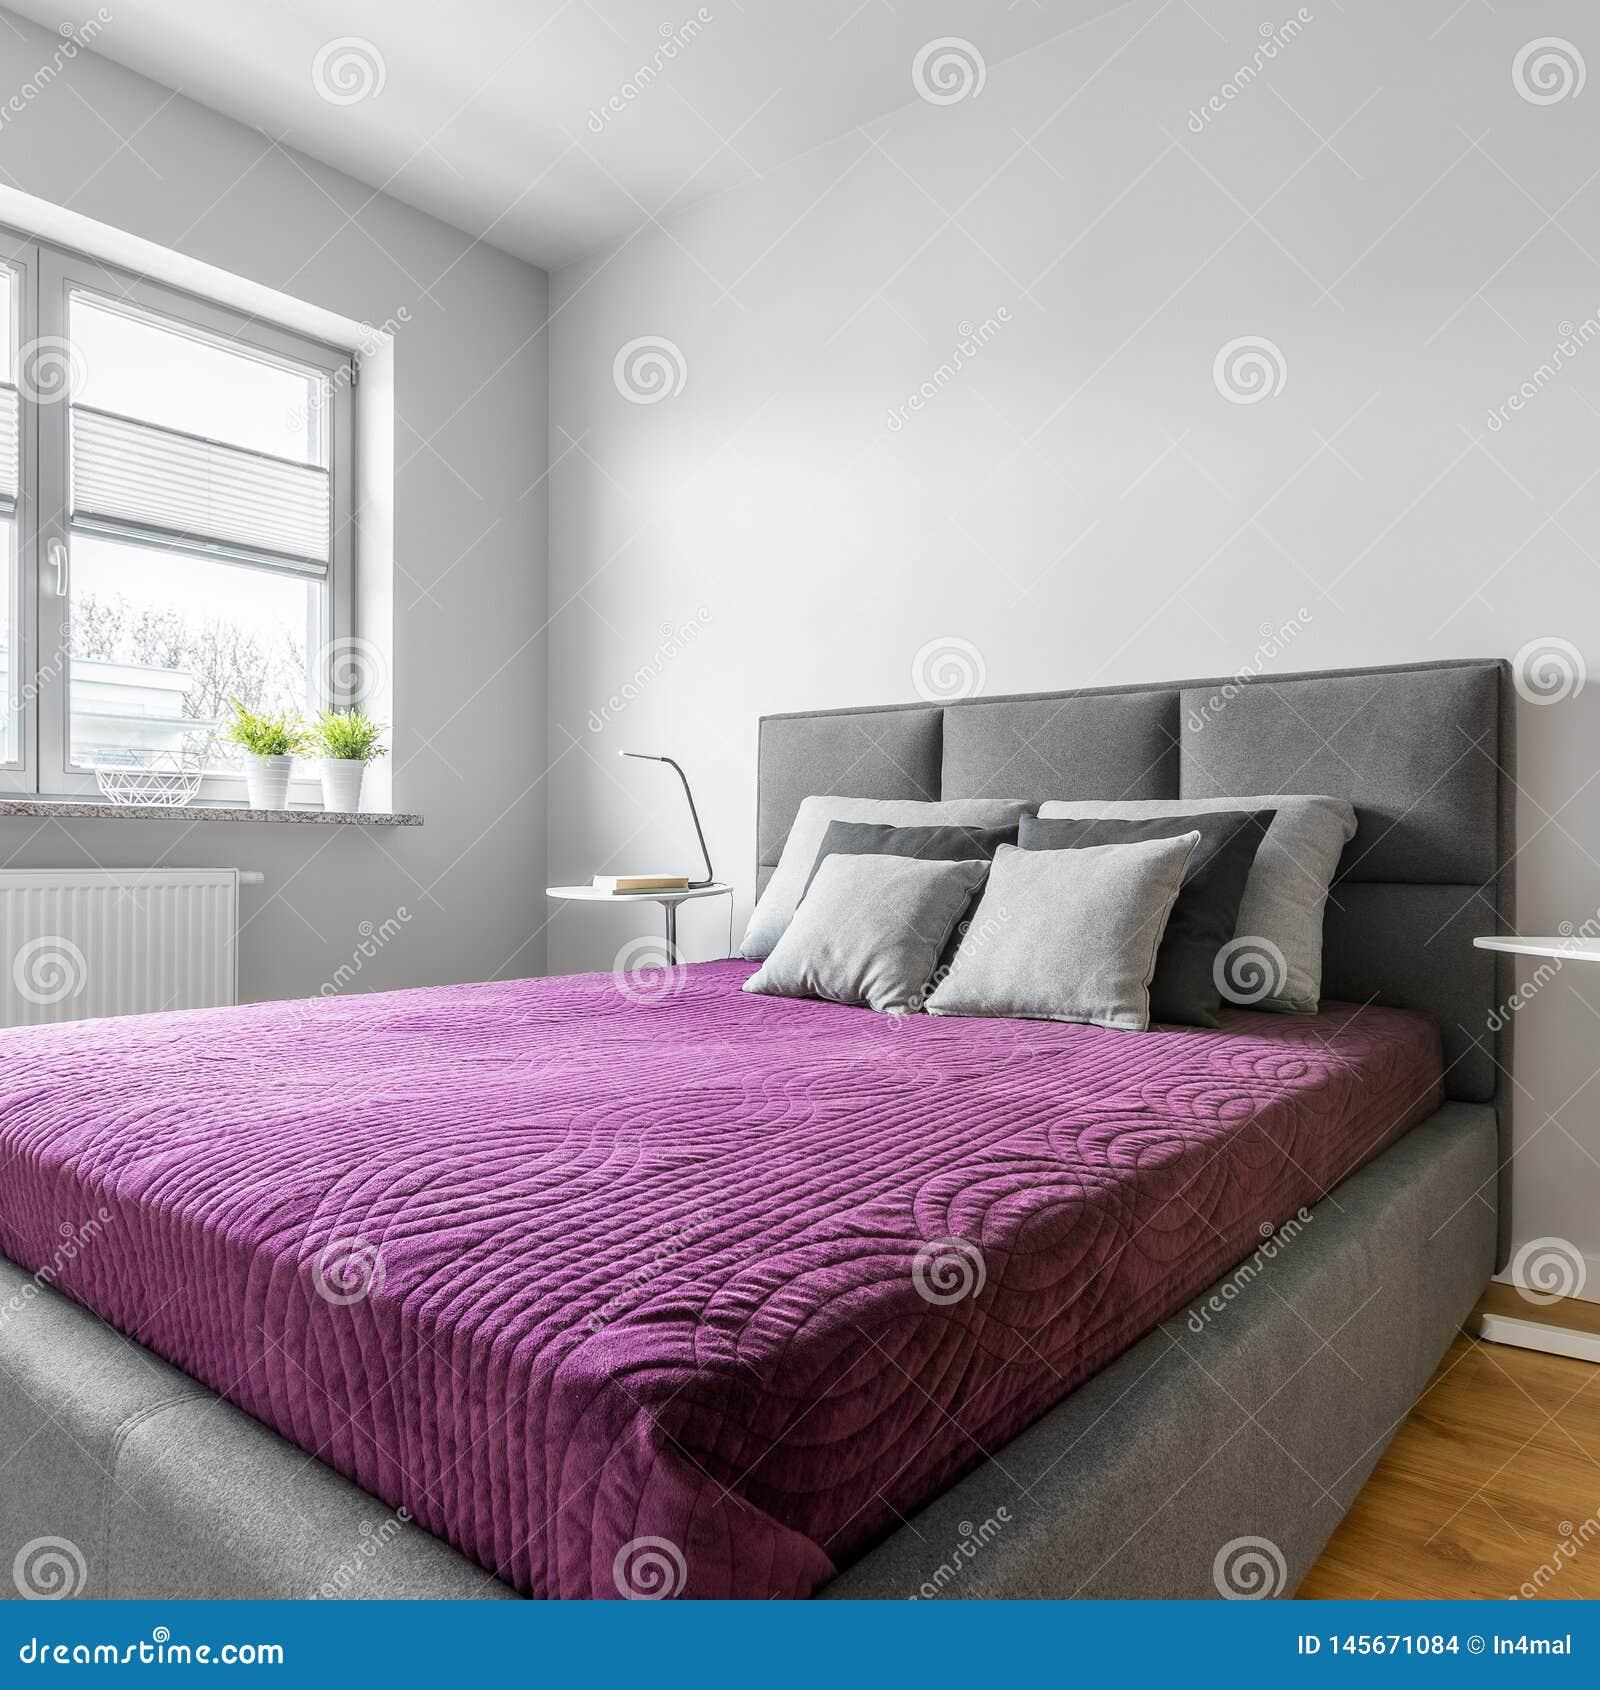 Chambre Coucher Simple Avec Le Lit Tapiss Photo Stock